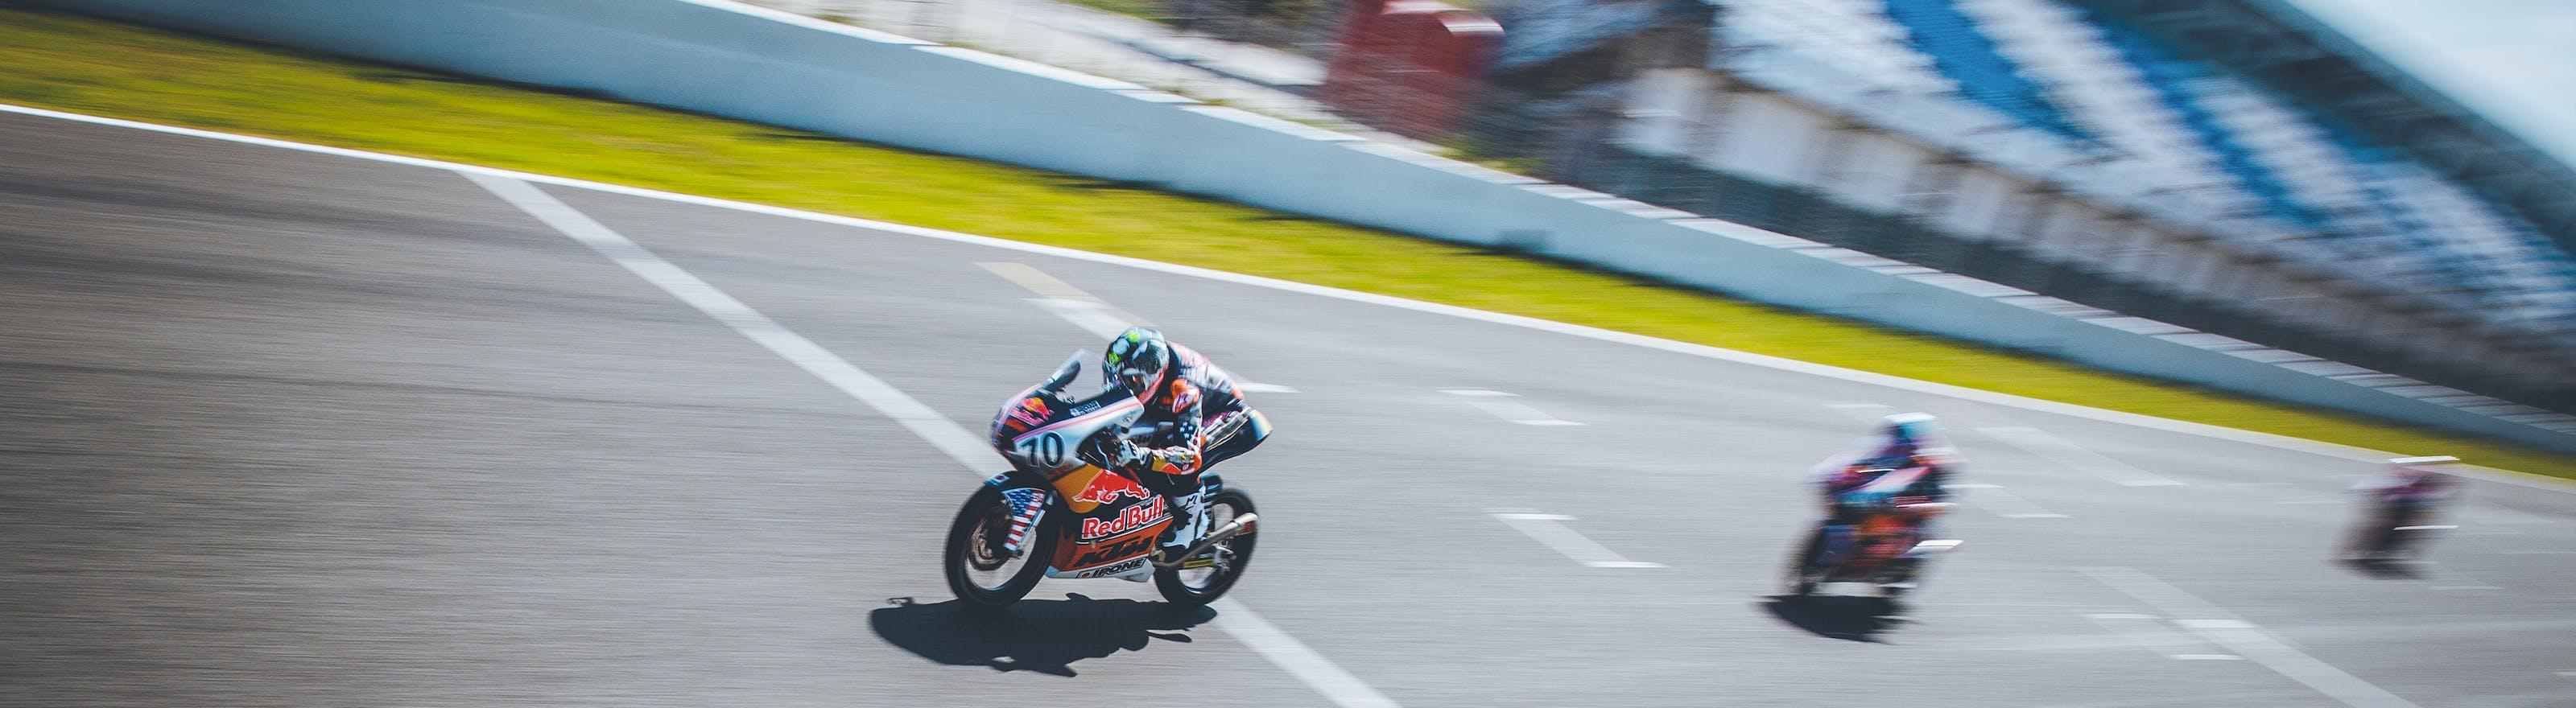 Moto en course sur circuit compétition